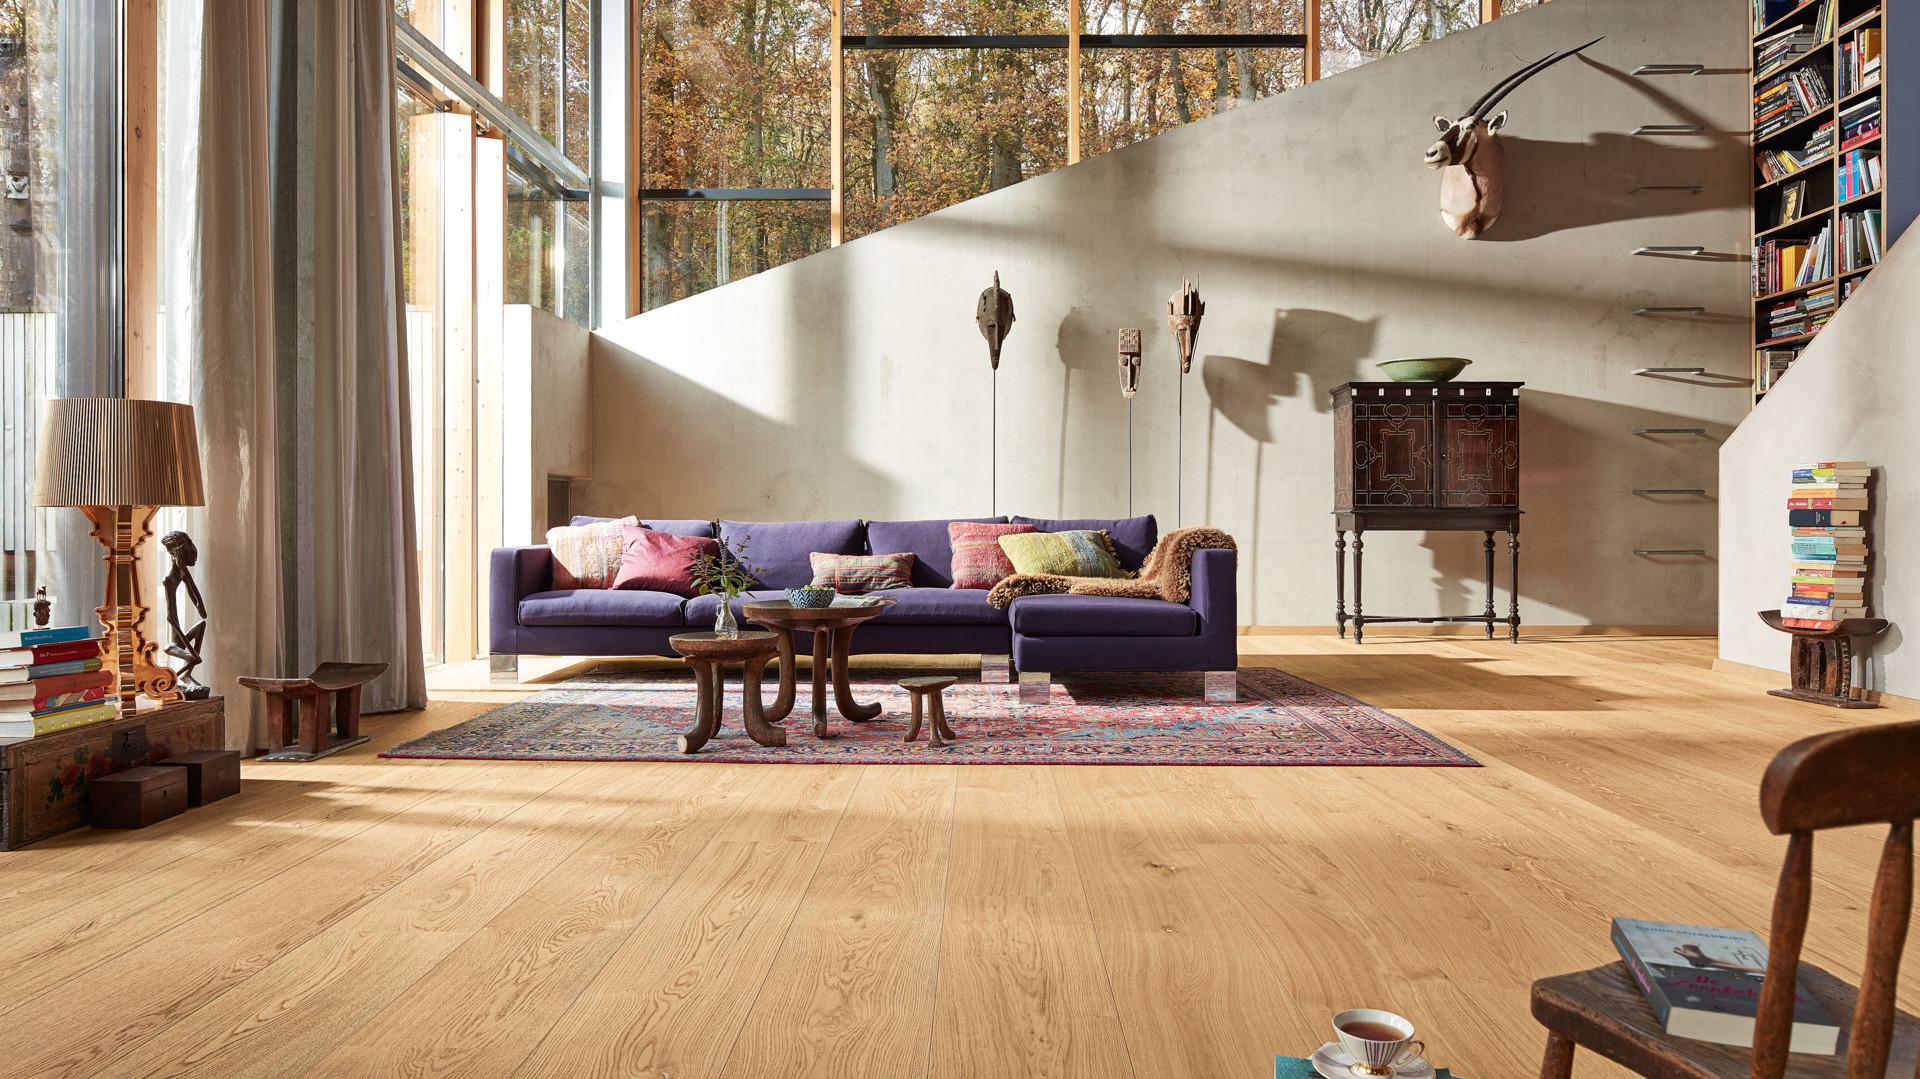 Lindura-Holzboden Eiche natur pure in einem hellen Wohnzimmer mit lila Sofa